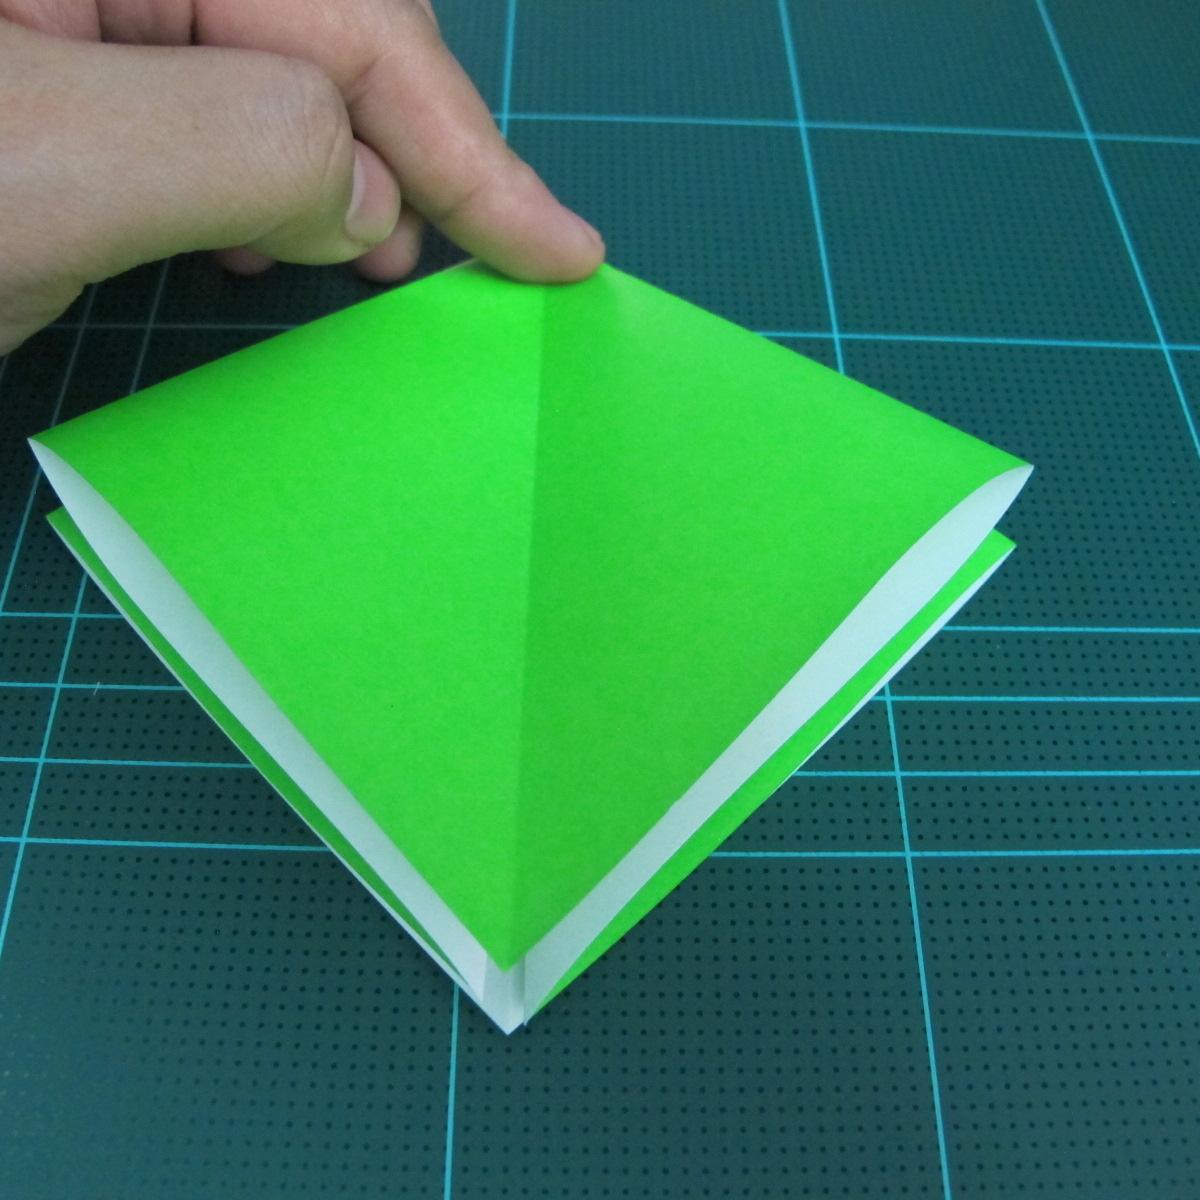 วิธีพับกระดาษเป็นจรวด X-WING สตาร์วอร์ (Origami X-WING) 005